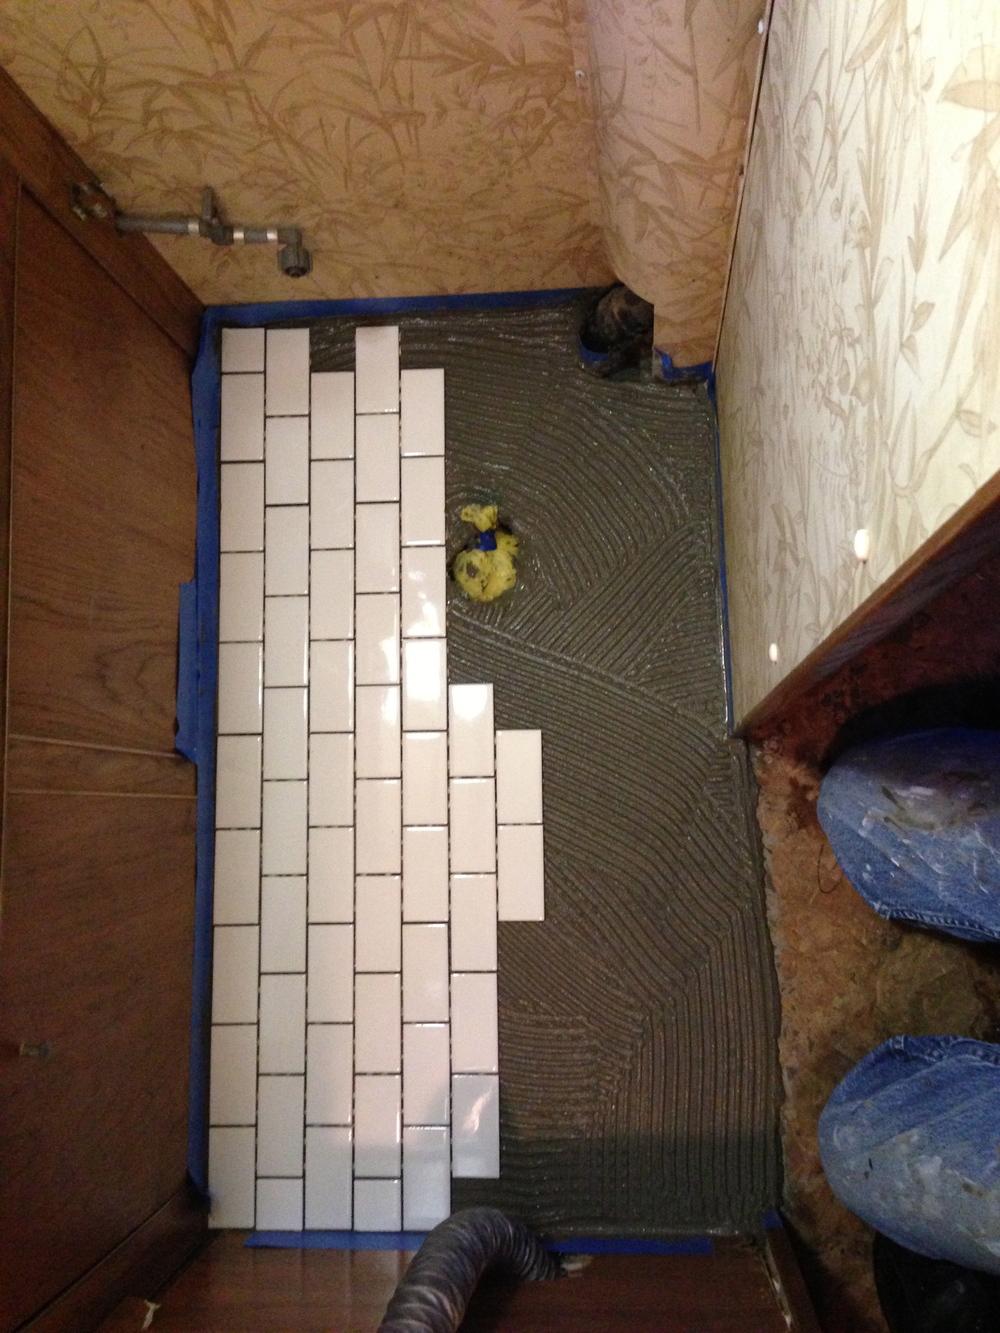 Tilint the floor.